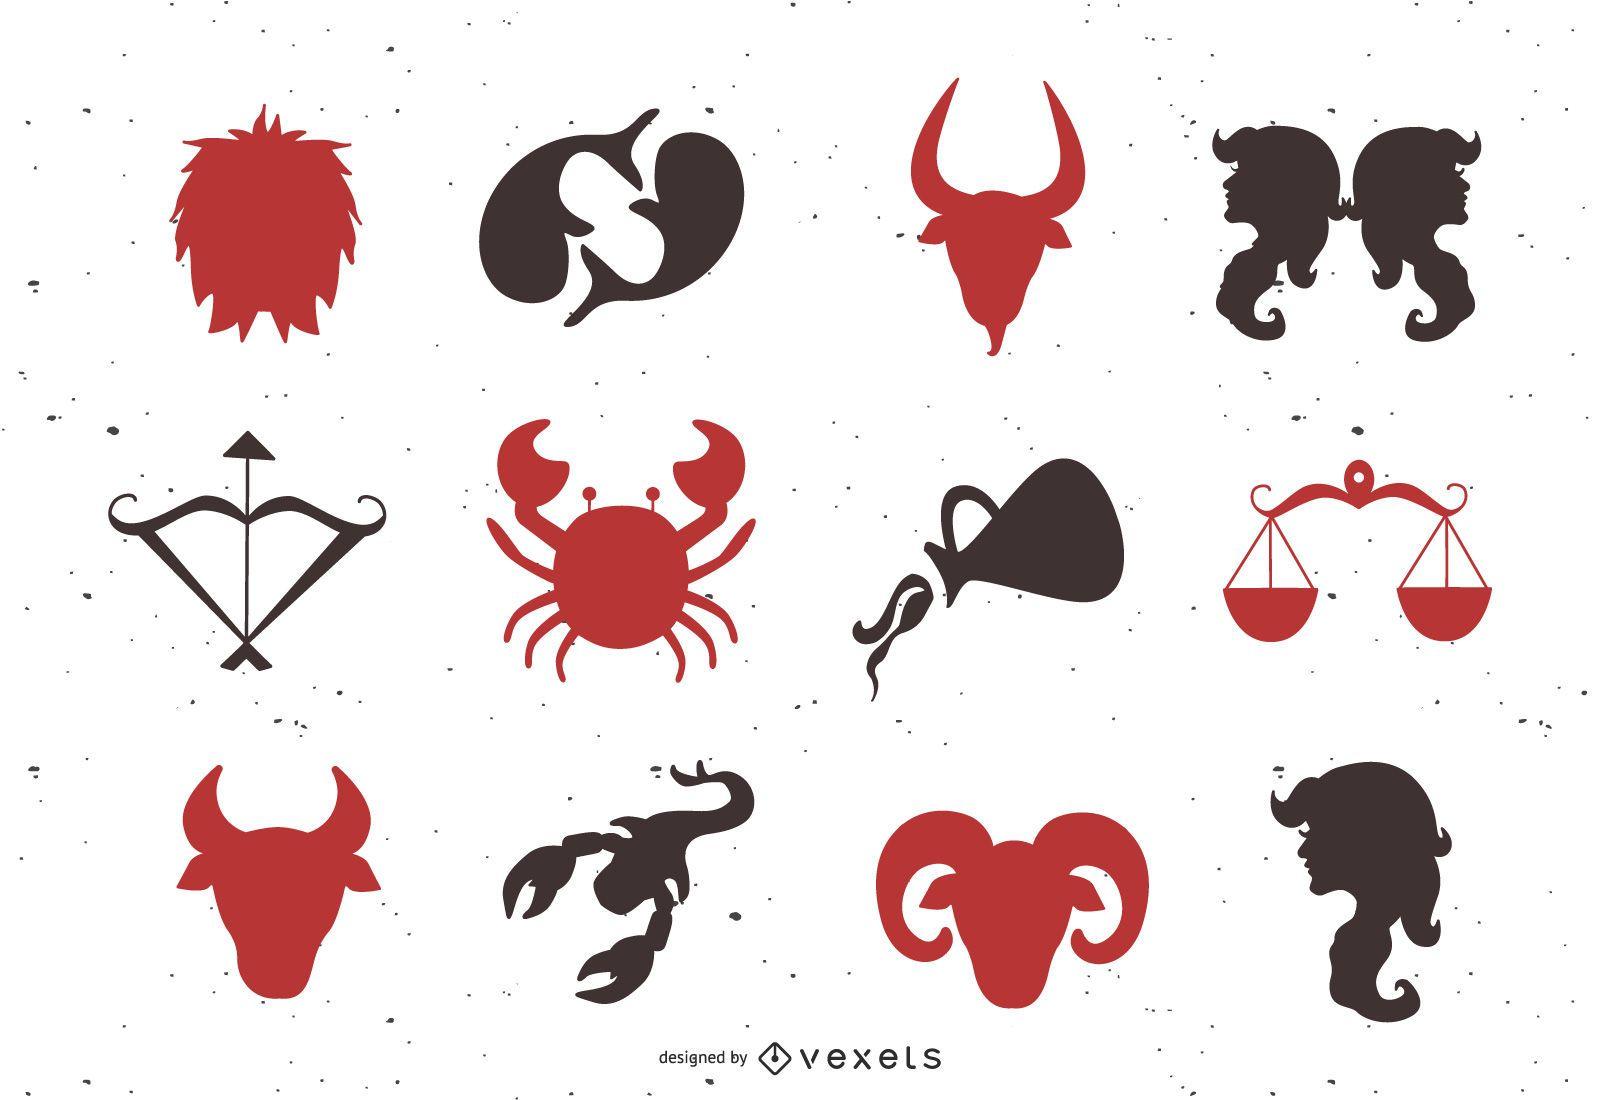 Horoscope animals and icons set